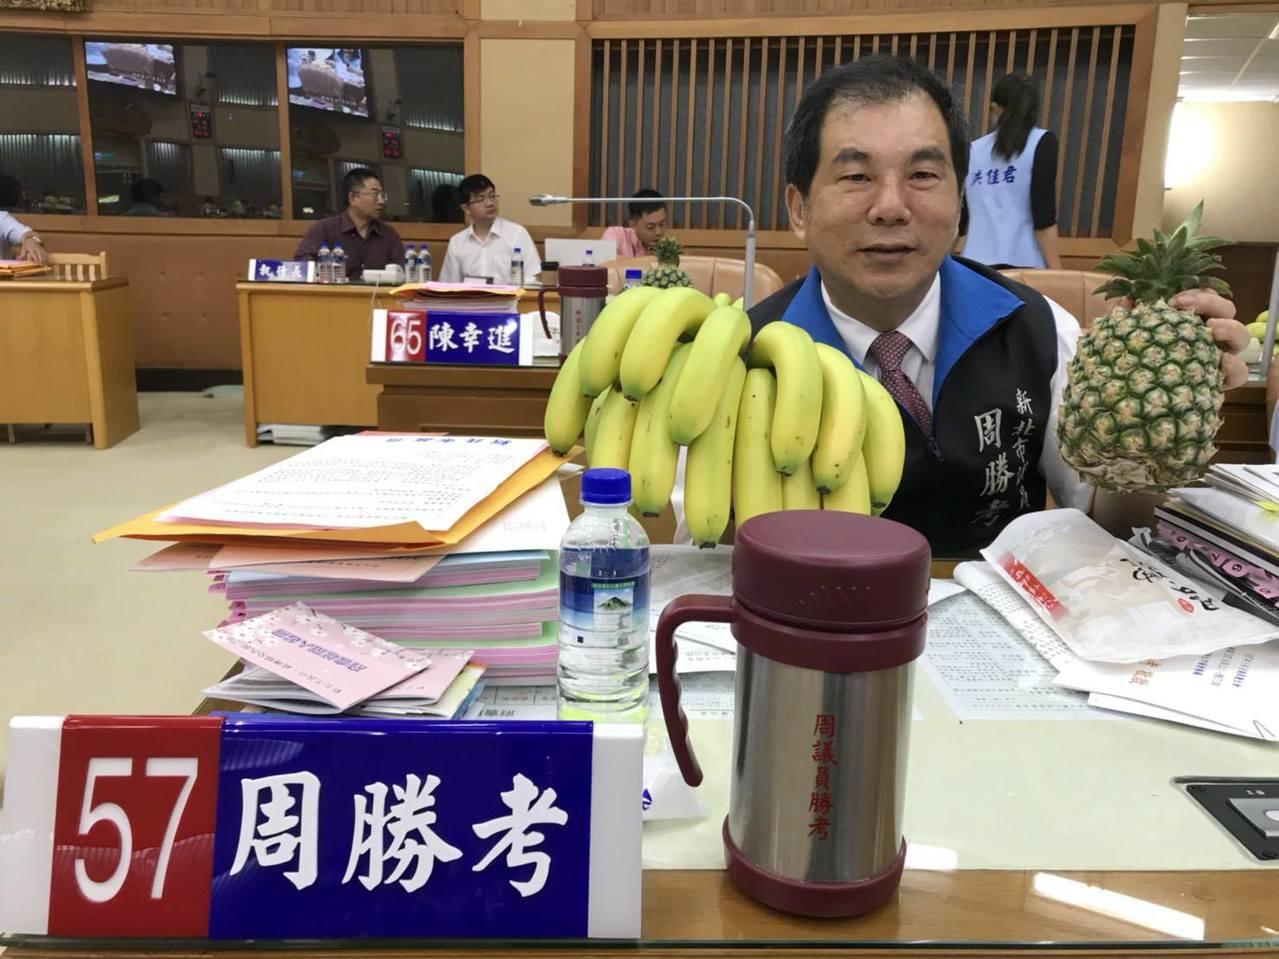 新北市議員周勝考今天自掏腰包買了2千斤的香蕉要做公益。圖/翻攝自建設 服務 周勝...